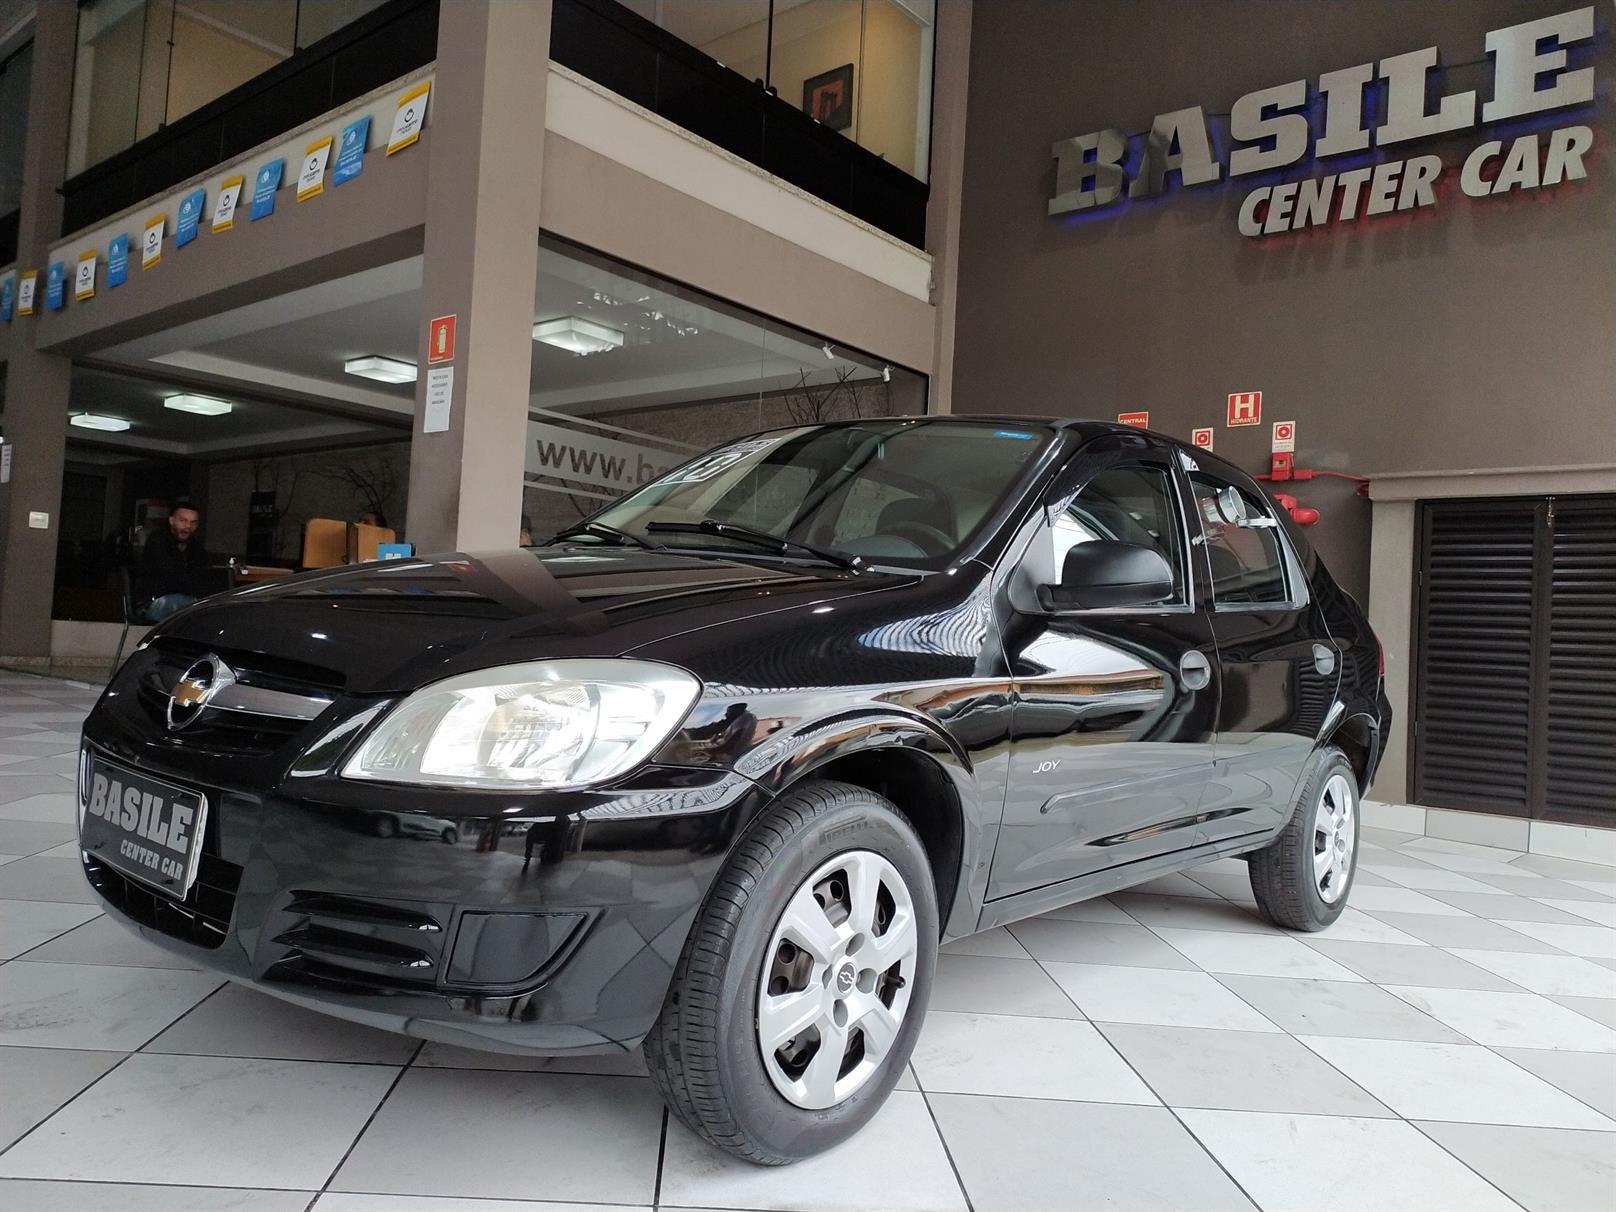 //www.autoline.com.br/carro/chevrolet/prisma-14-joy-8v-flex-4p-manual/2010/sao-paulo-sp/14602145